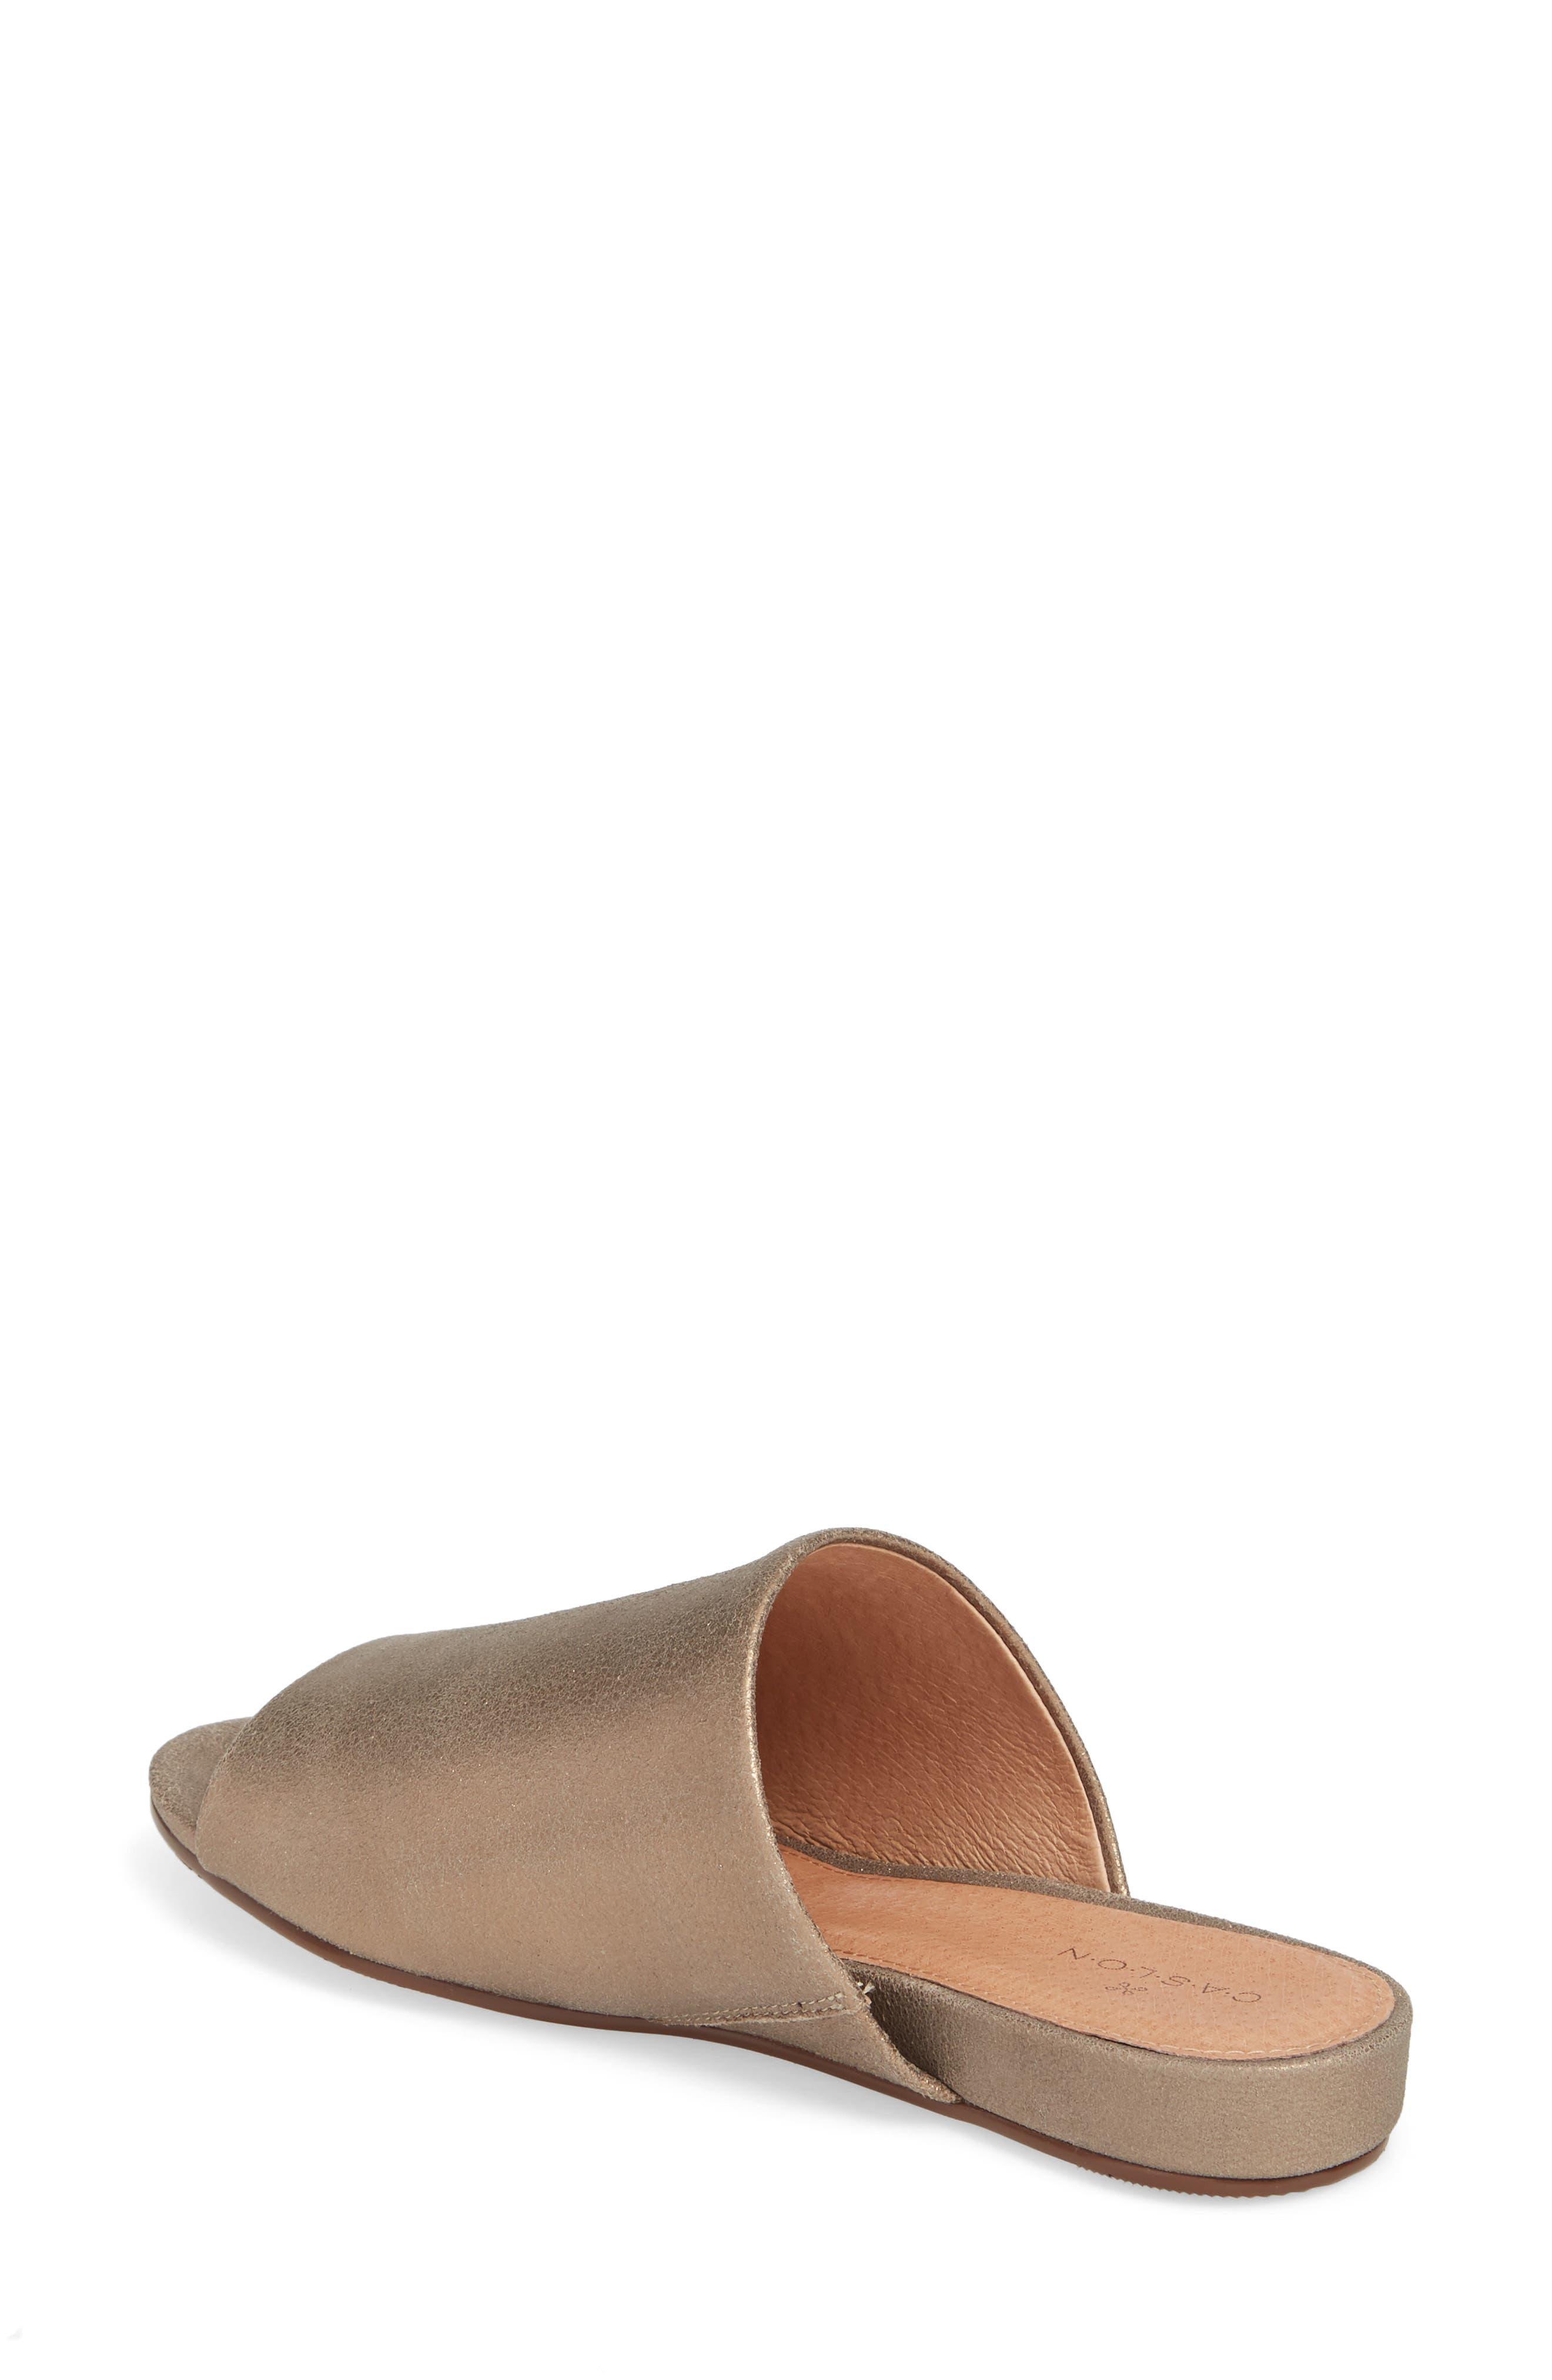 Alternate Image 2  - Caslon® Kiana Slide Sandal (Women)